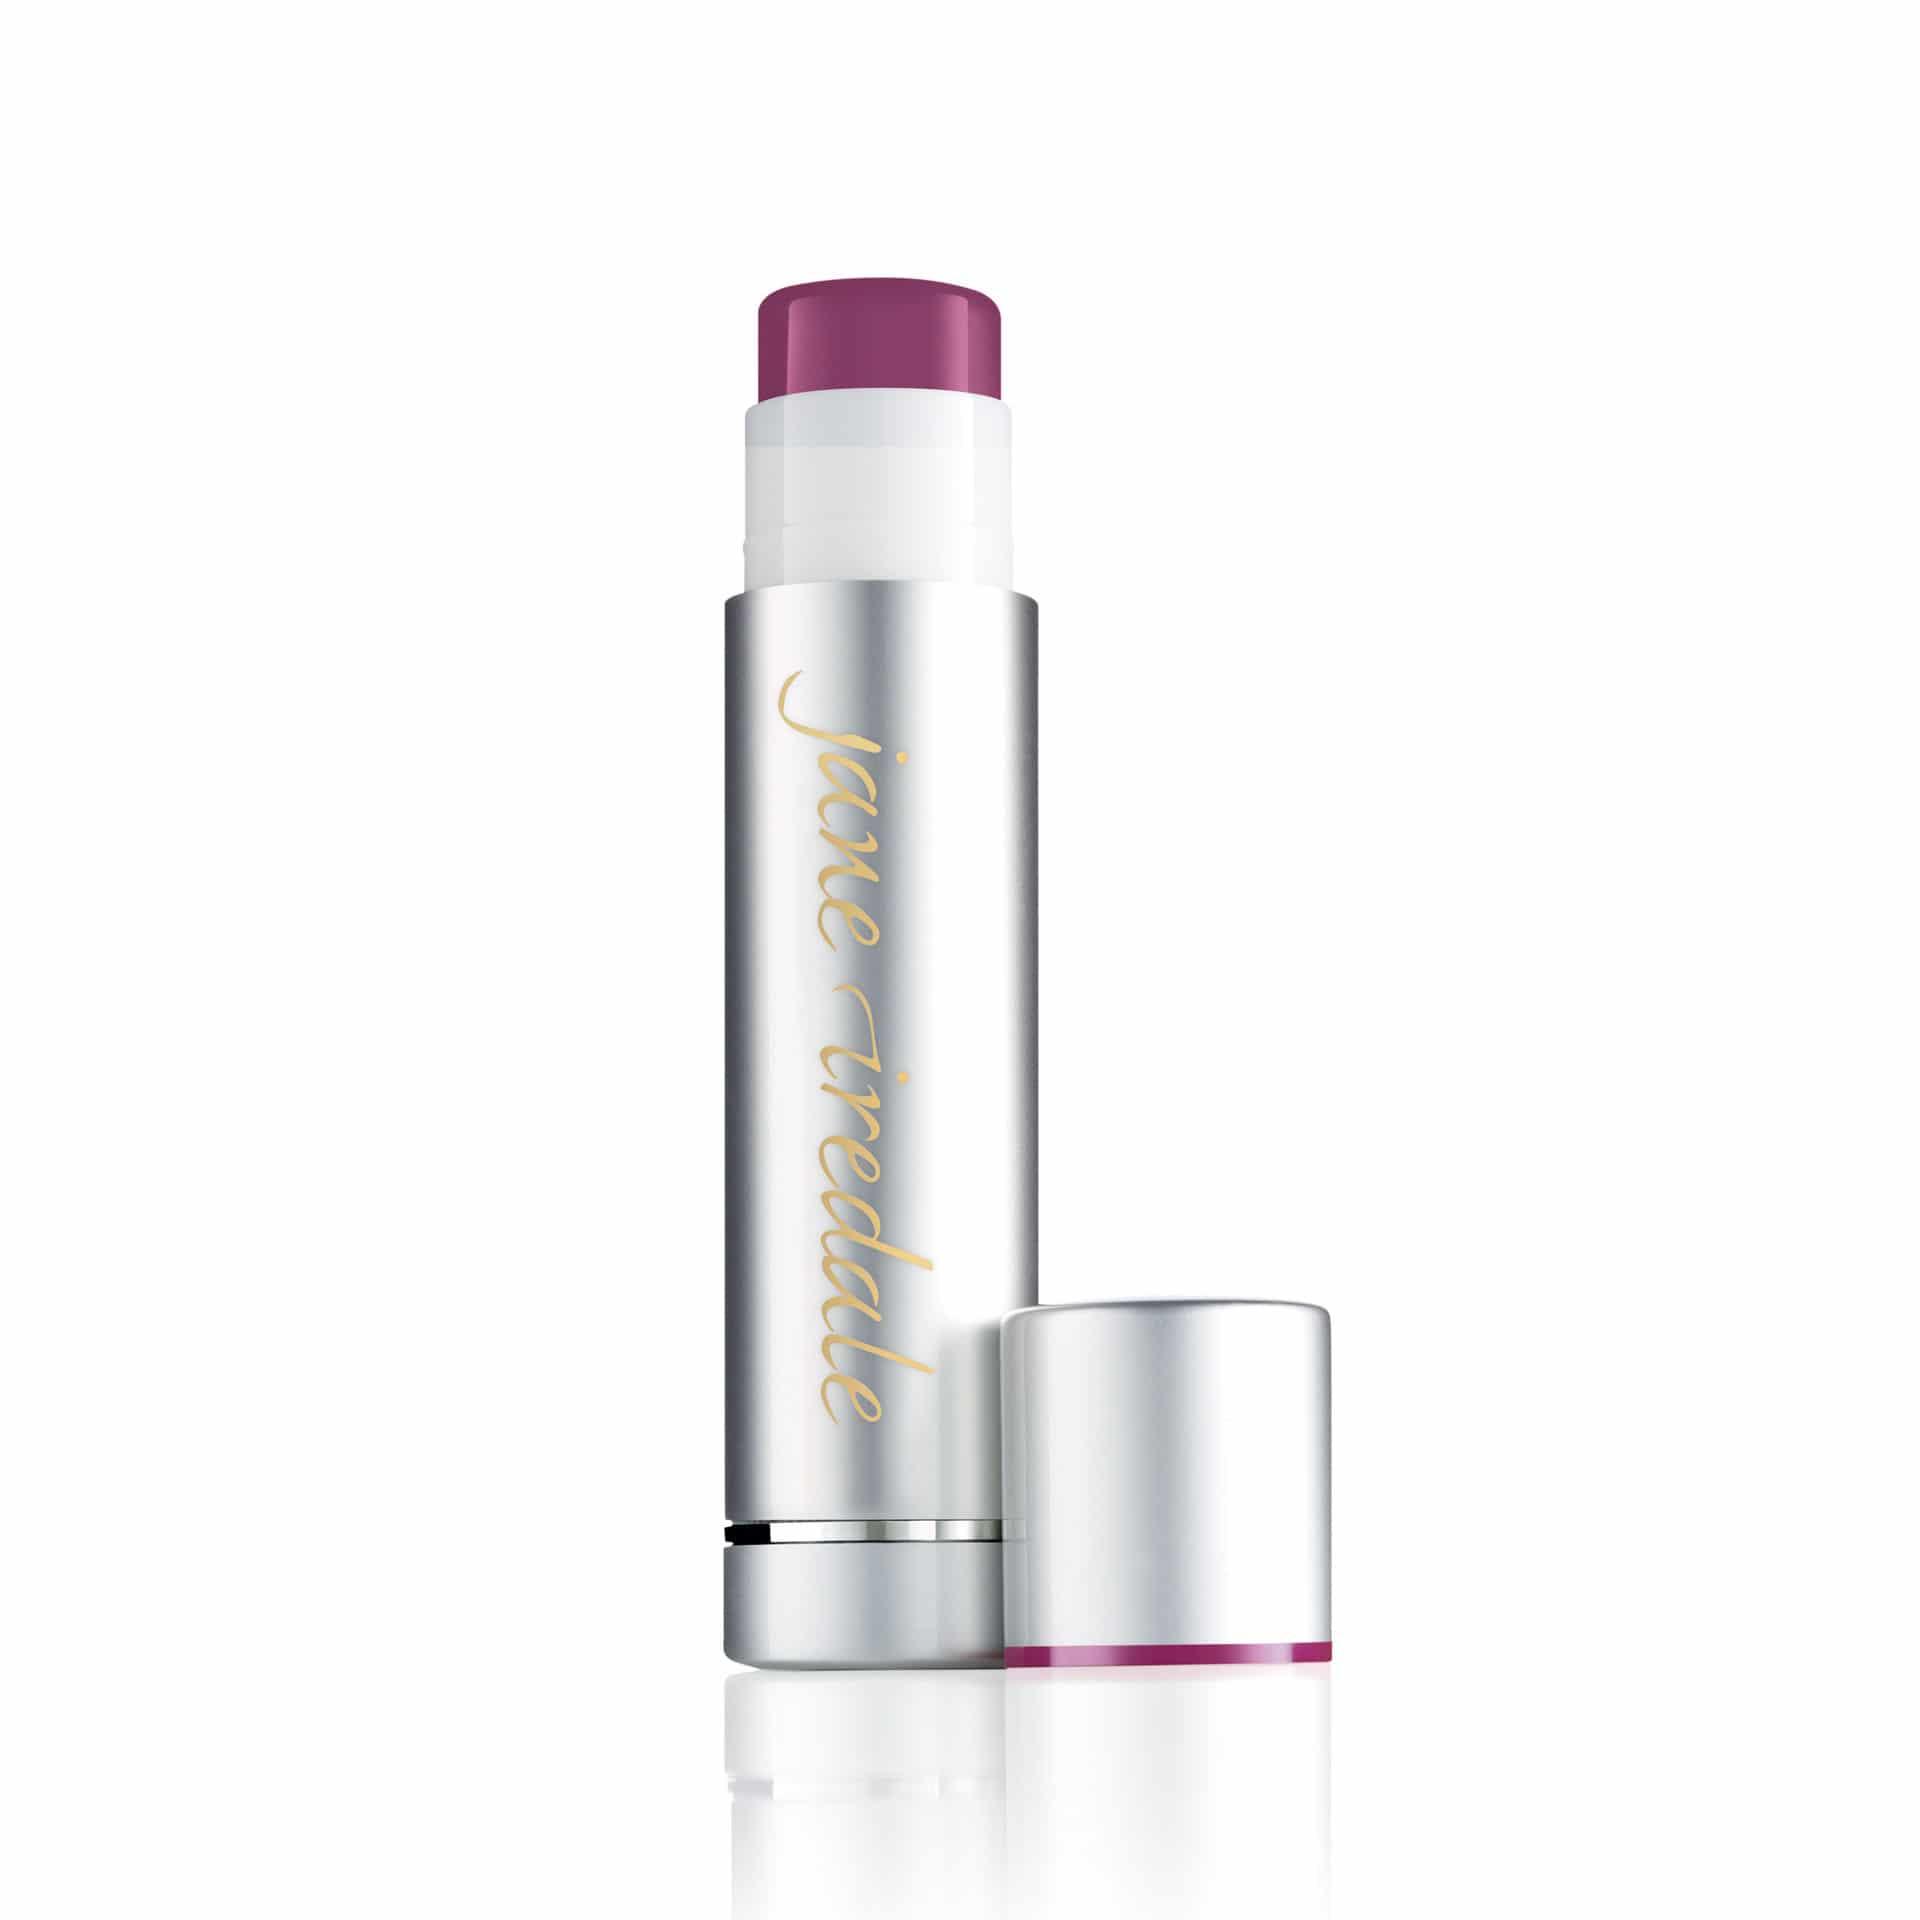 Creme LipDrink Lip Balm, Bálsamo para os lábios de cor roxa